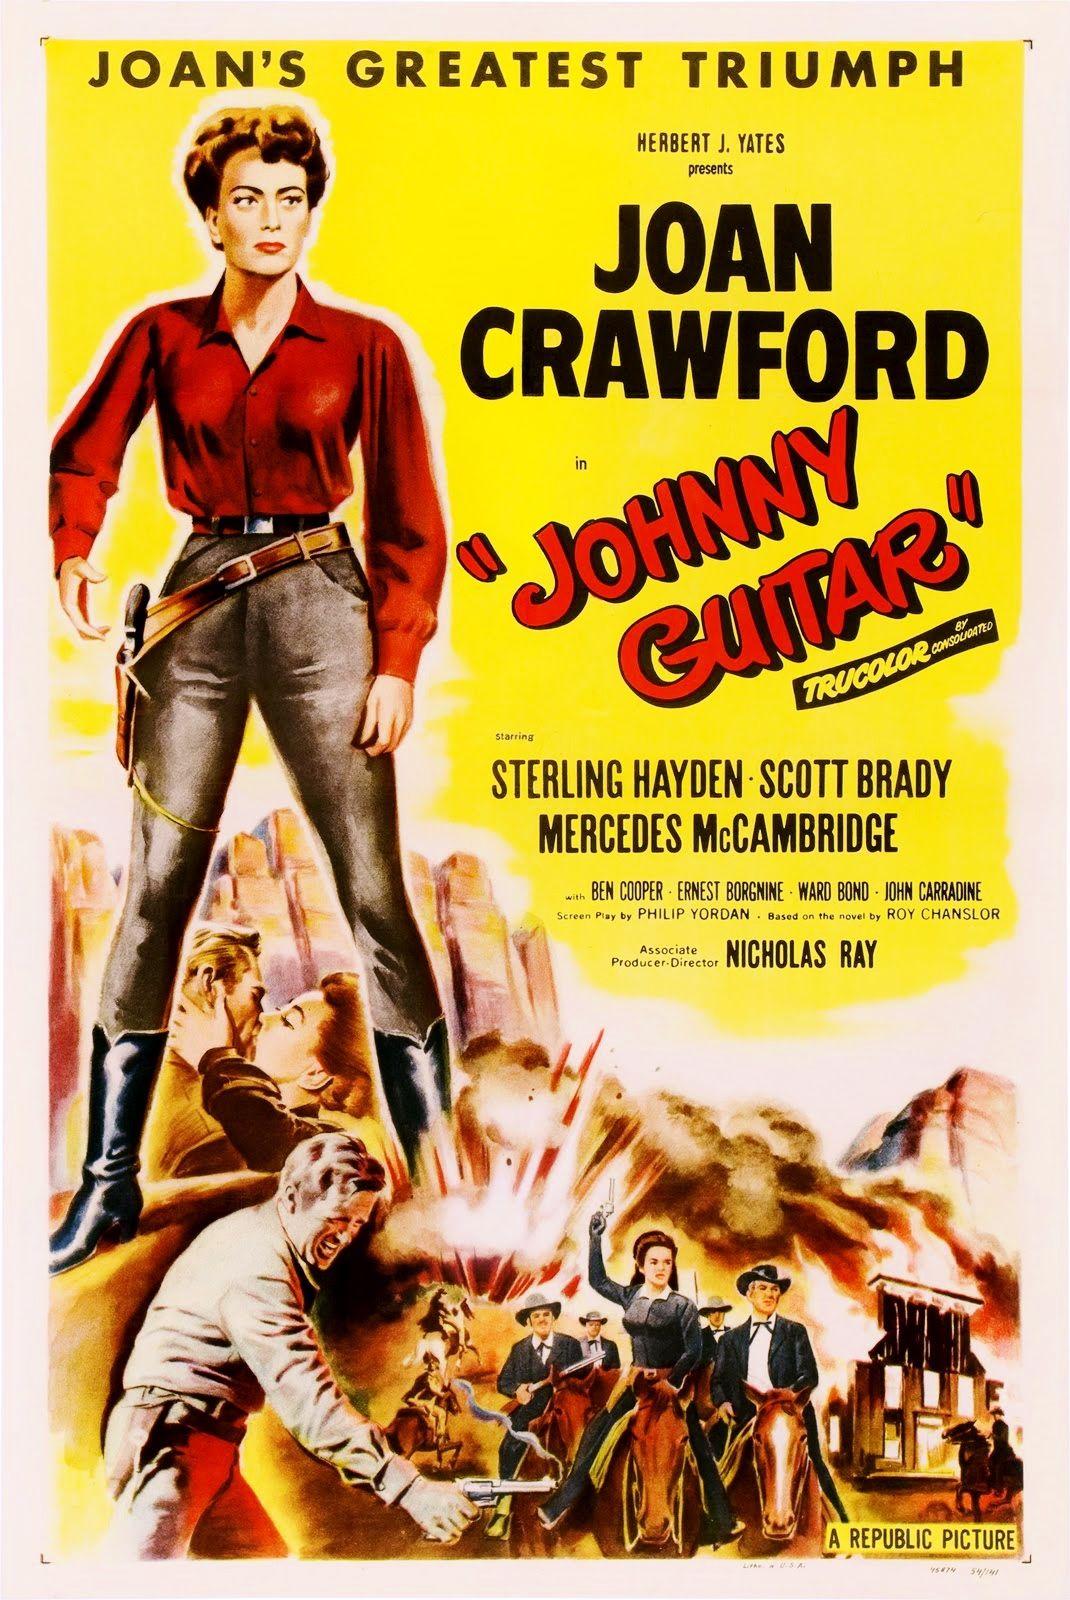 64 Johnny Guitar Nicholas Ray 1954 Películas Del Oeste Carteles De Película Antiguos Carteles De Cine